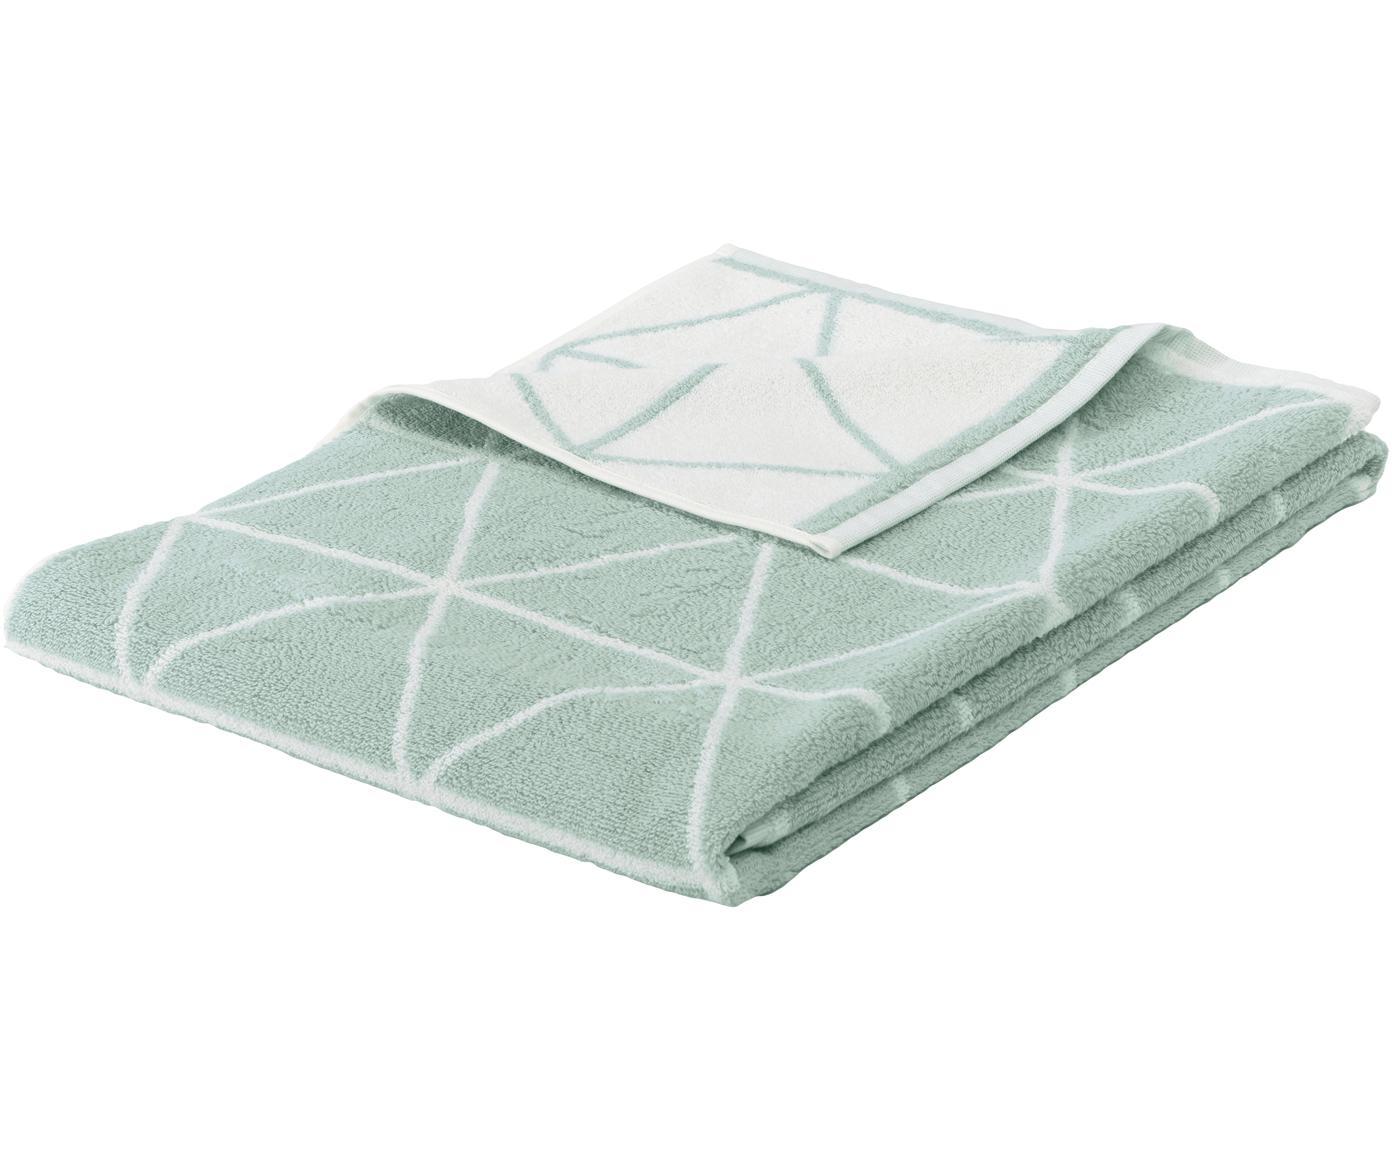 Wende-Handtuch Elina mit grafischem Muster, Mintgrün, Cremeweiß, Handtuch